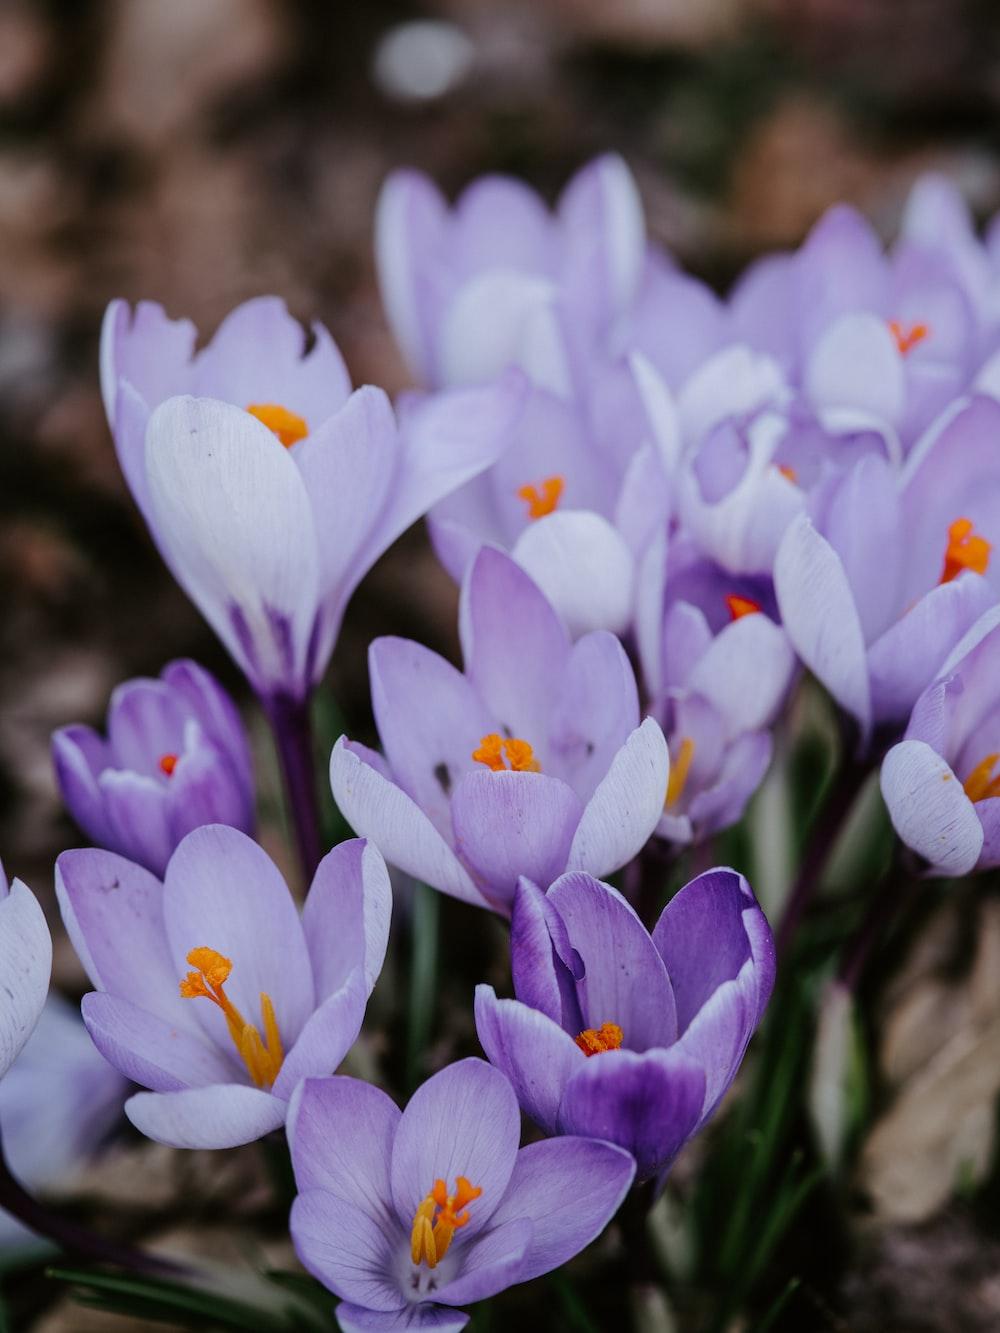 purple petaled flowers in bloom